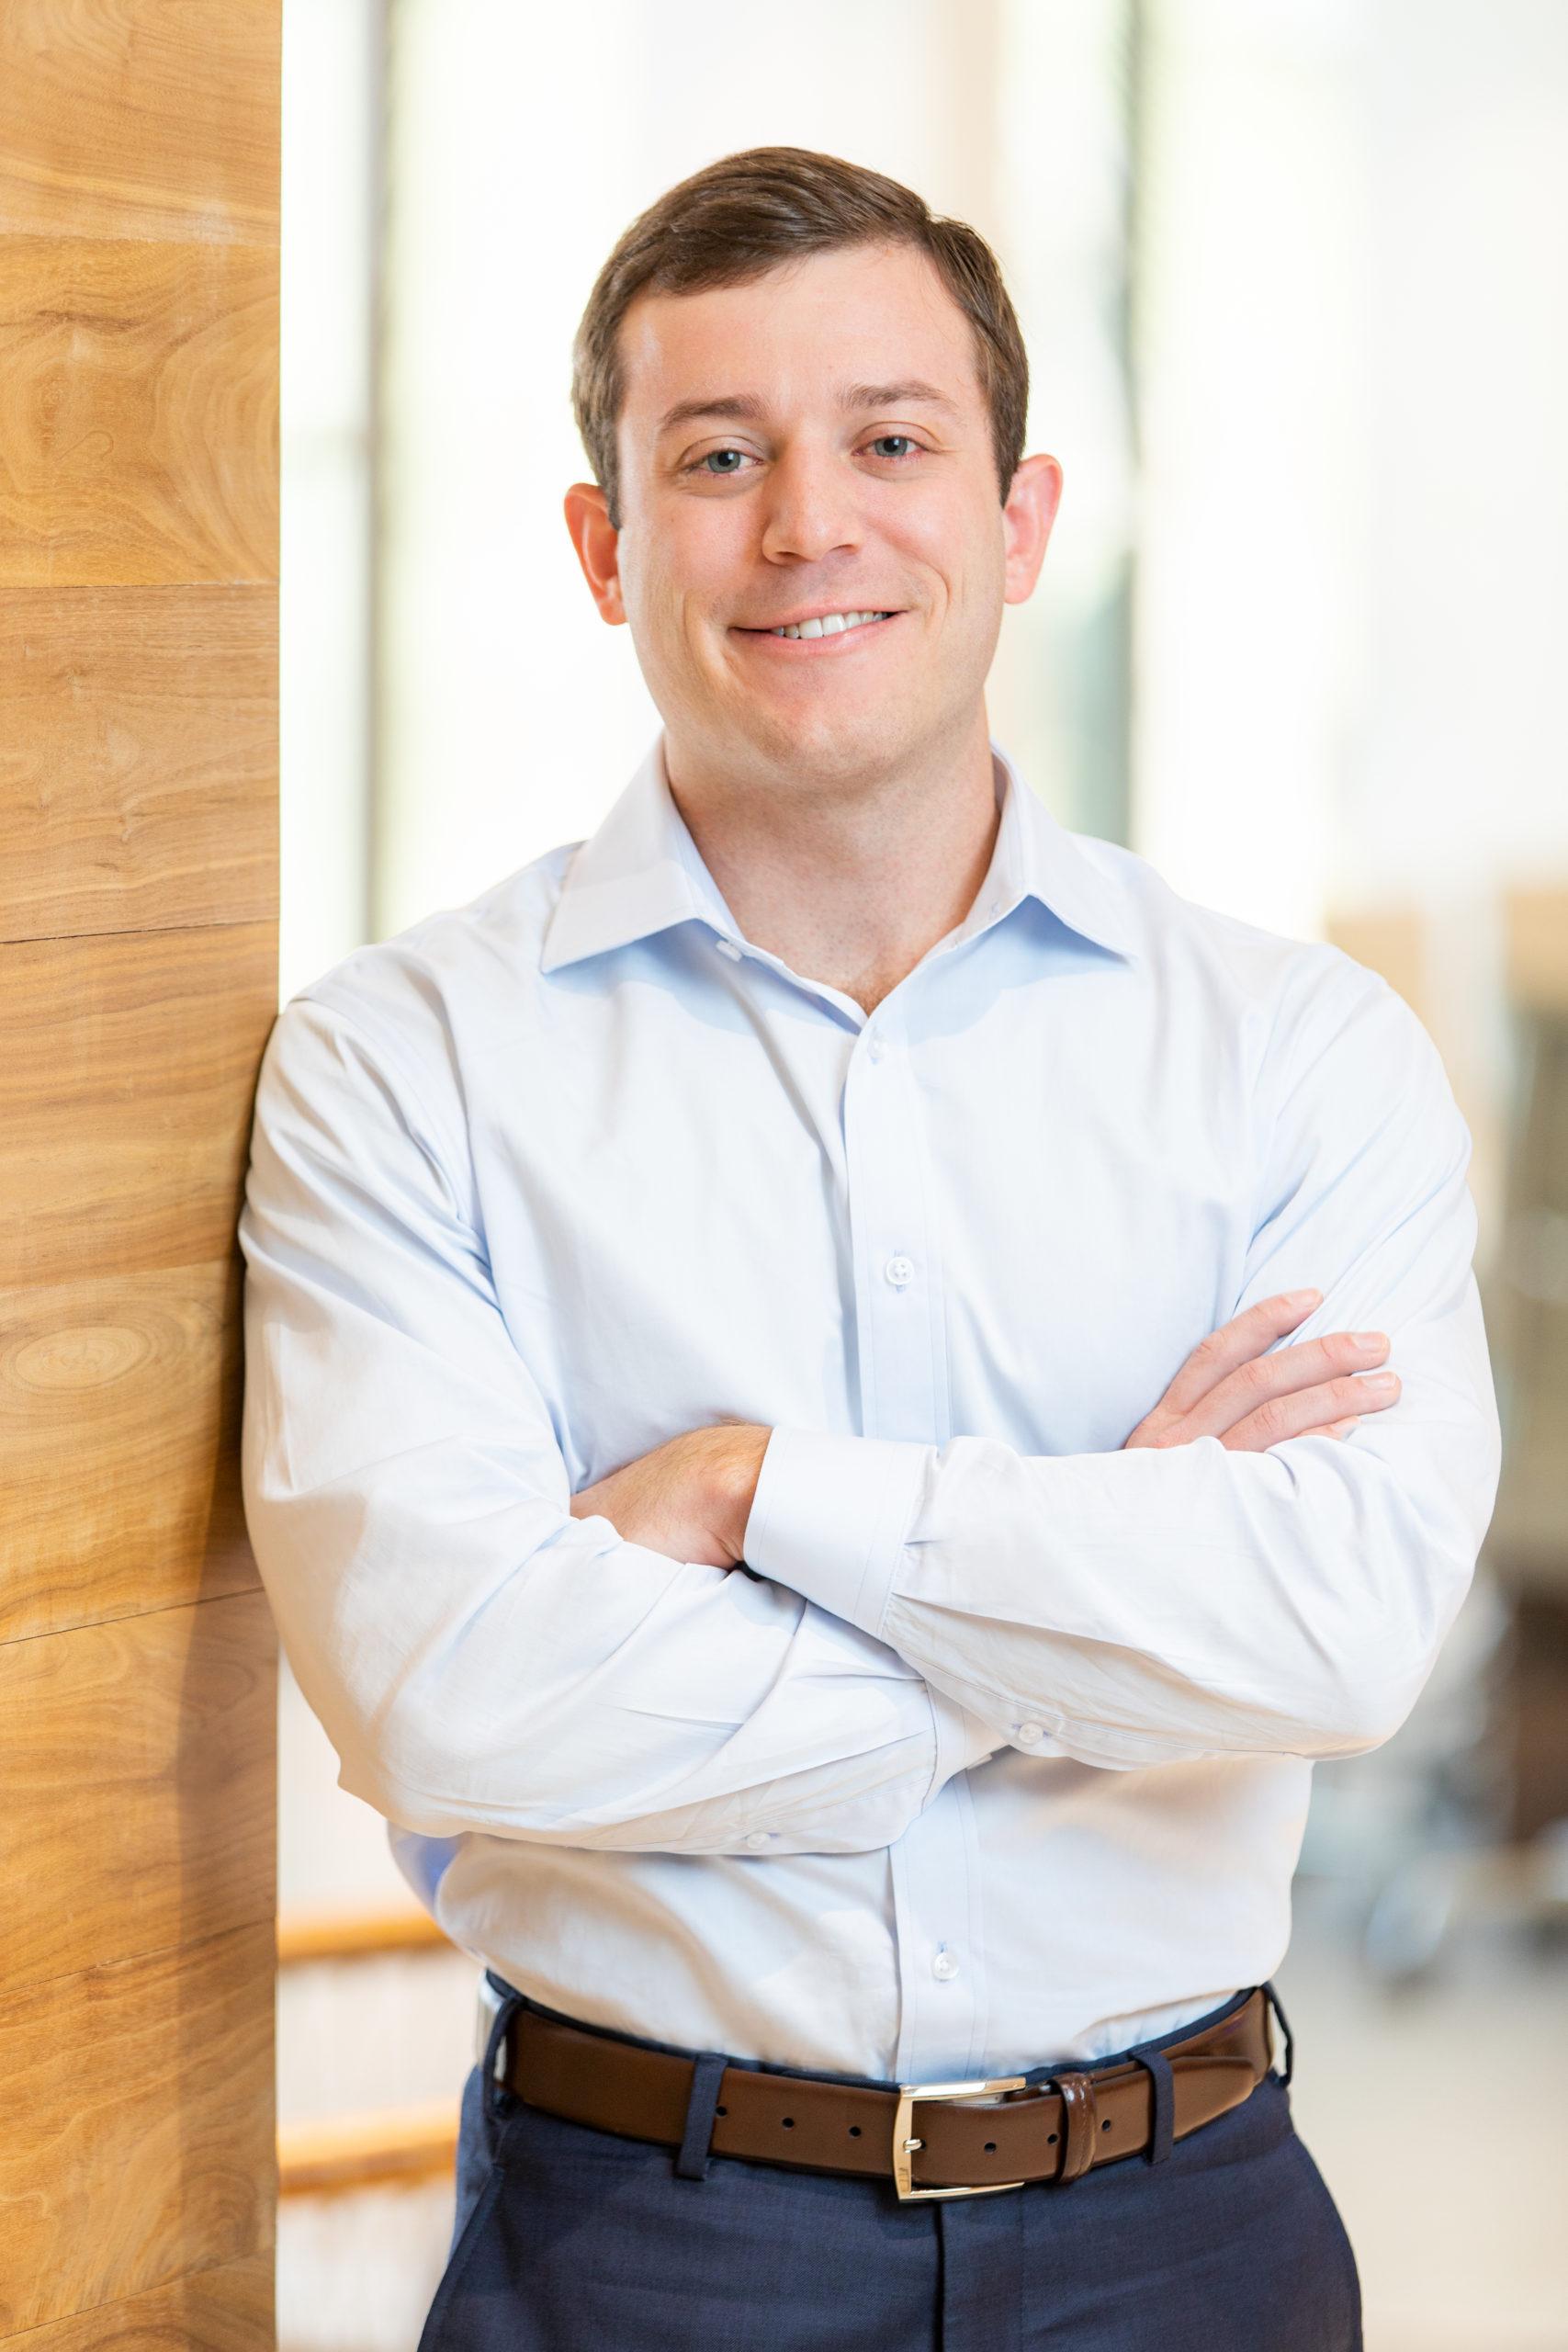 Alex Chiuchiolo